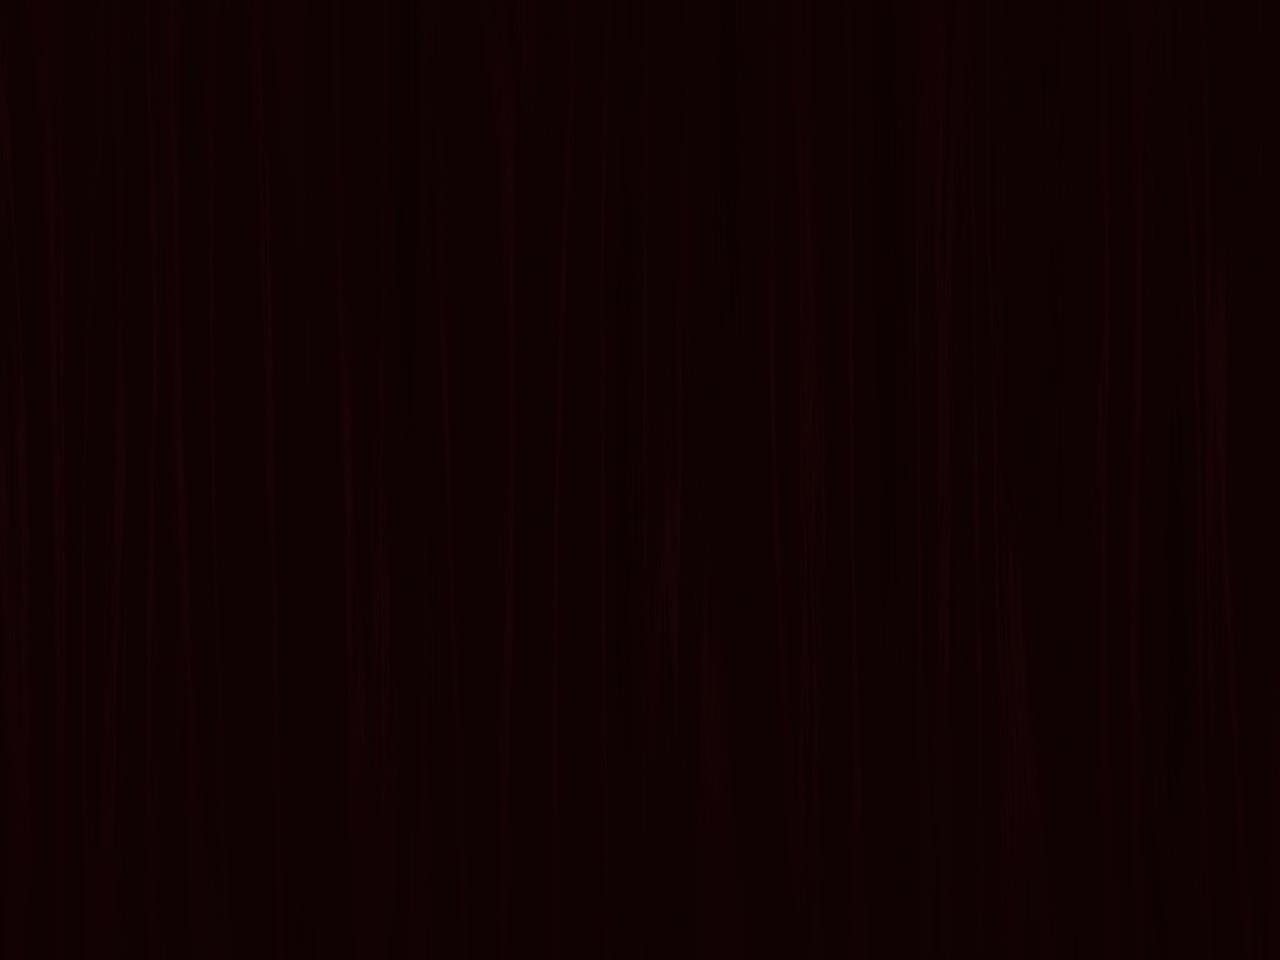 Vorhang dunkle version